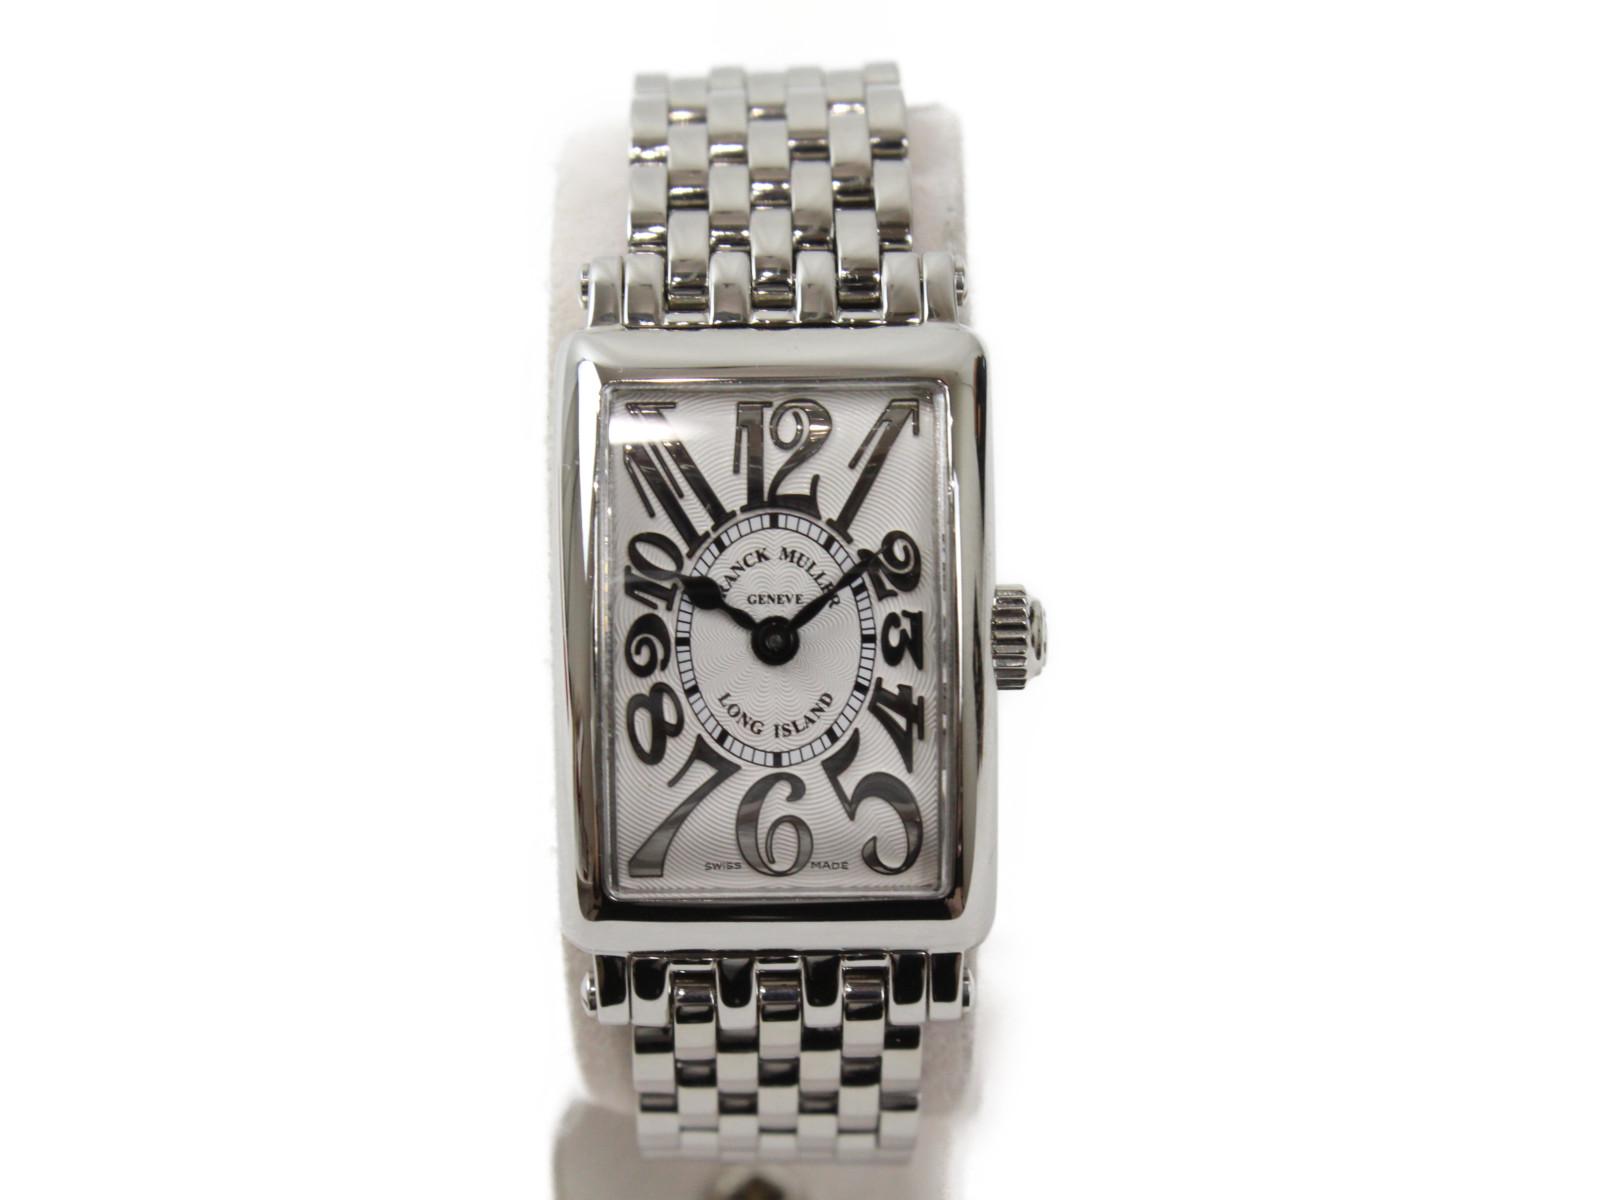 【ギャラ有】FRANCK MULLER フランクミューラー ロングアイランド プティ 802QZ クオーツ SS ステンレススチール シルバー オフホワイト レディース 腕時計【中古】